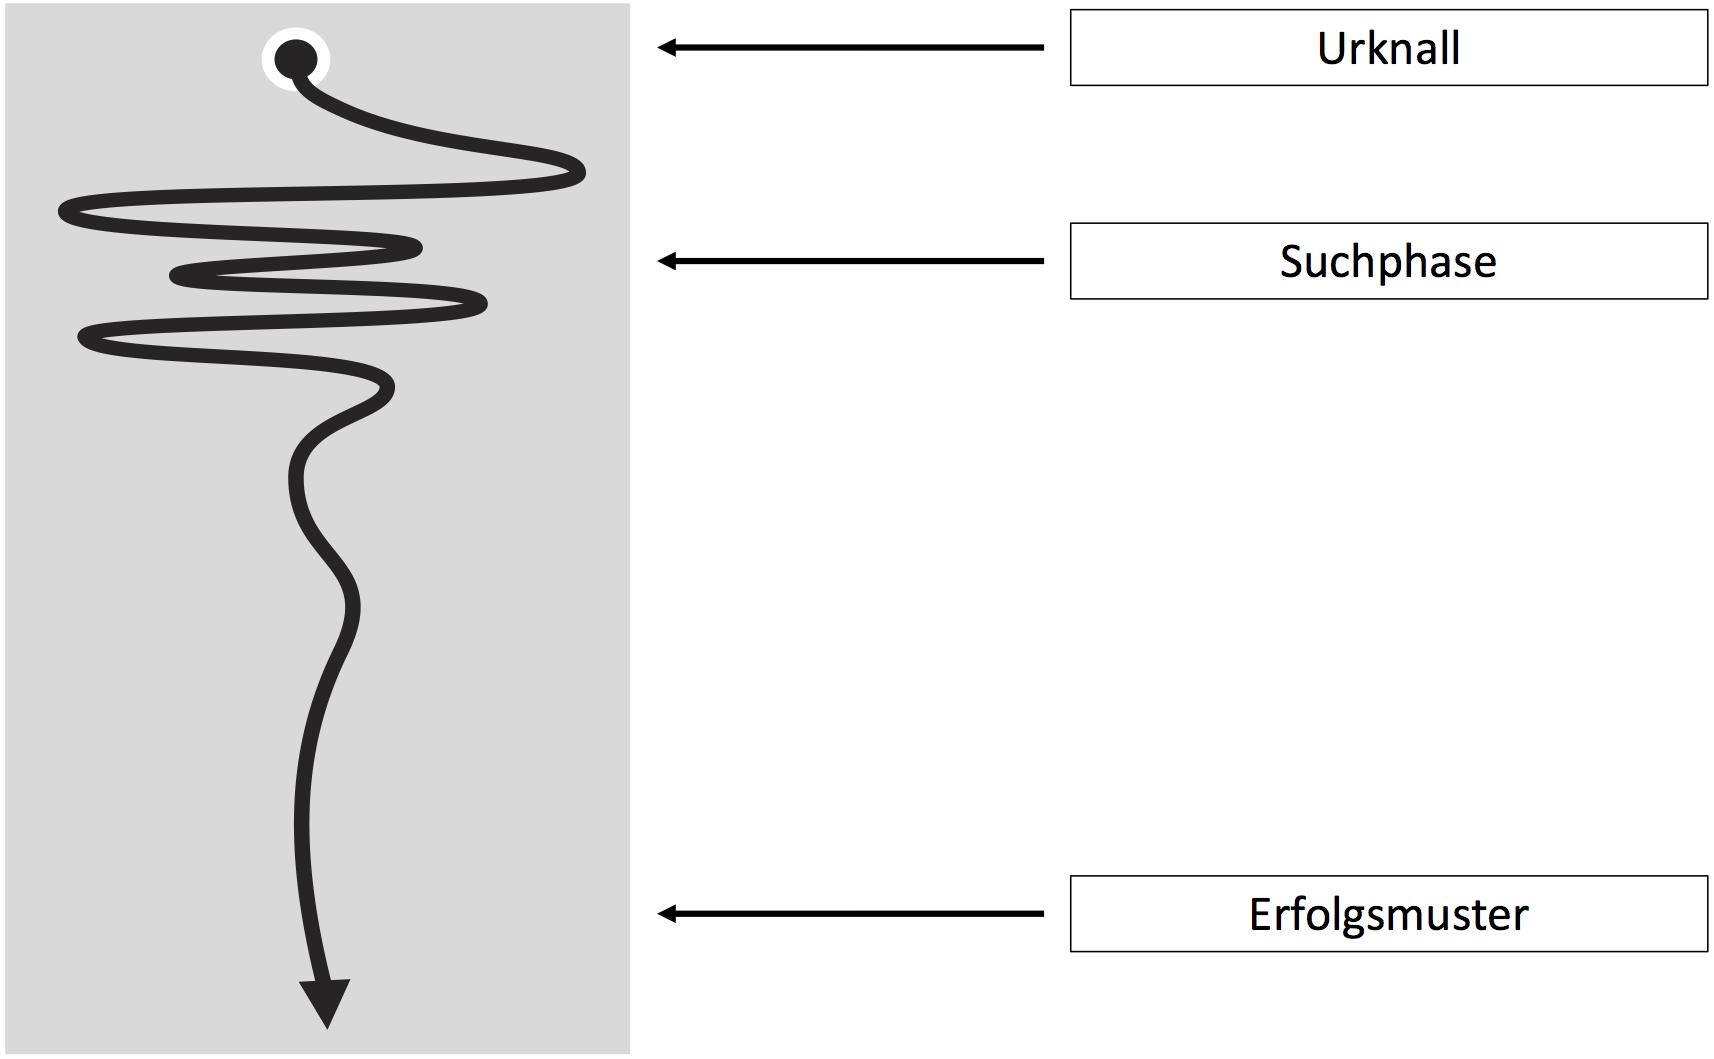 """Eine schwarze Linie, die immer kleiner werdende Schlangenlinien zeigt und in einem Pfeil endet. Daneben die Beschriftung """"Urknall"""" am Anfang, """"Suchphase"""" in der Mitte"""" und """"Erfolgsmuster"""" am Ende."""